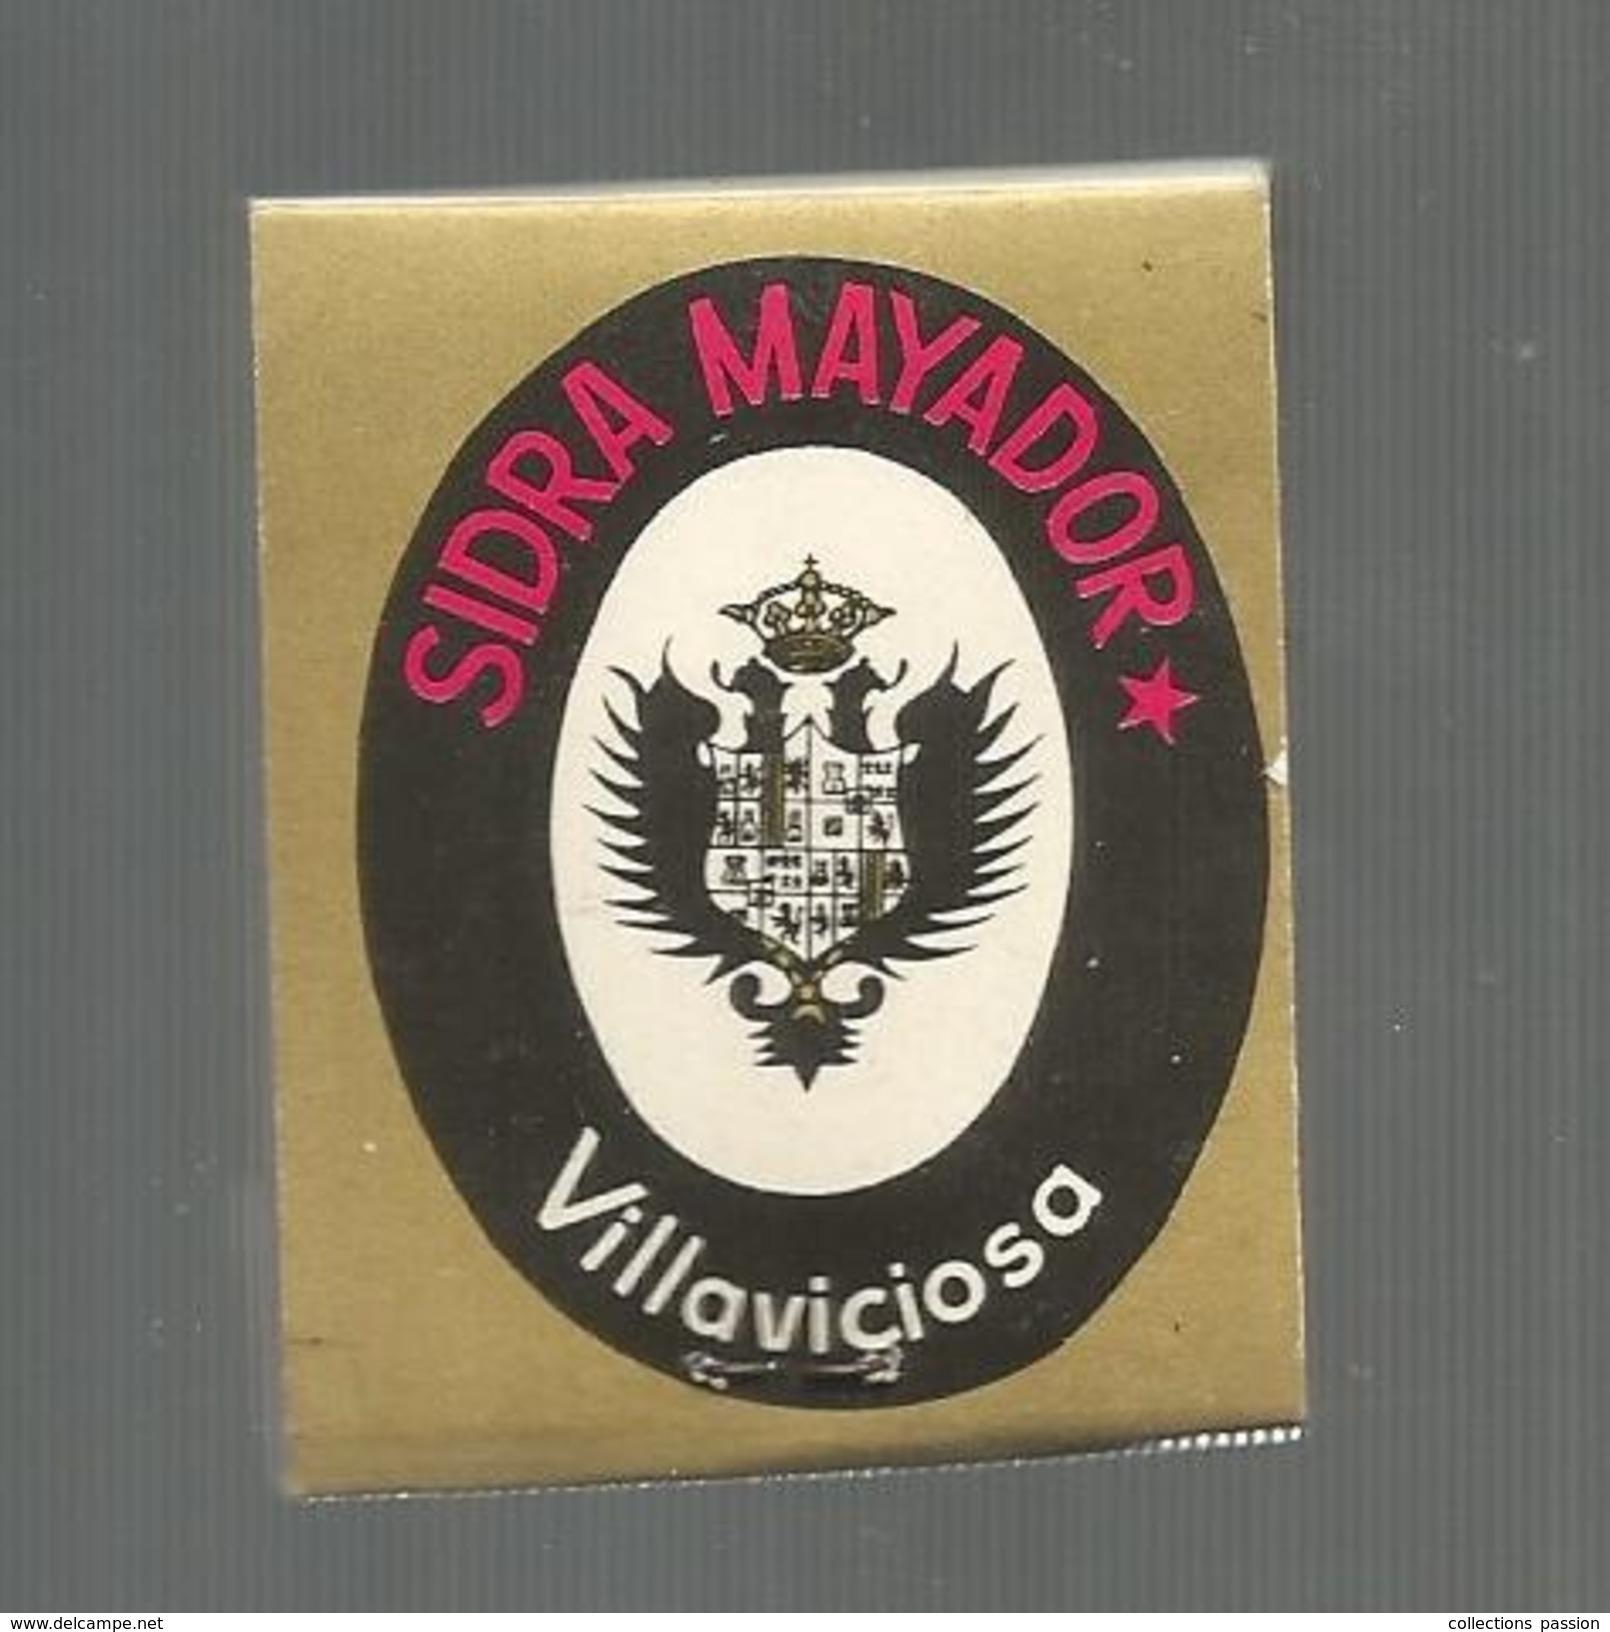 G-I-E , Tabac , Boite, Pochette D'ALLUMETTES, 2 Scans, Publicité, Sidra MAYADOR, Villaviciosa , Asturias , Espagne - Zündholzschachteletiketten